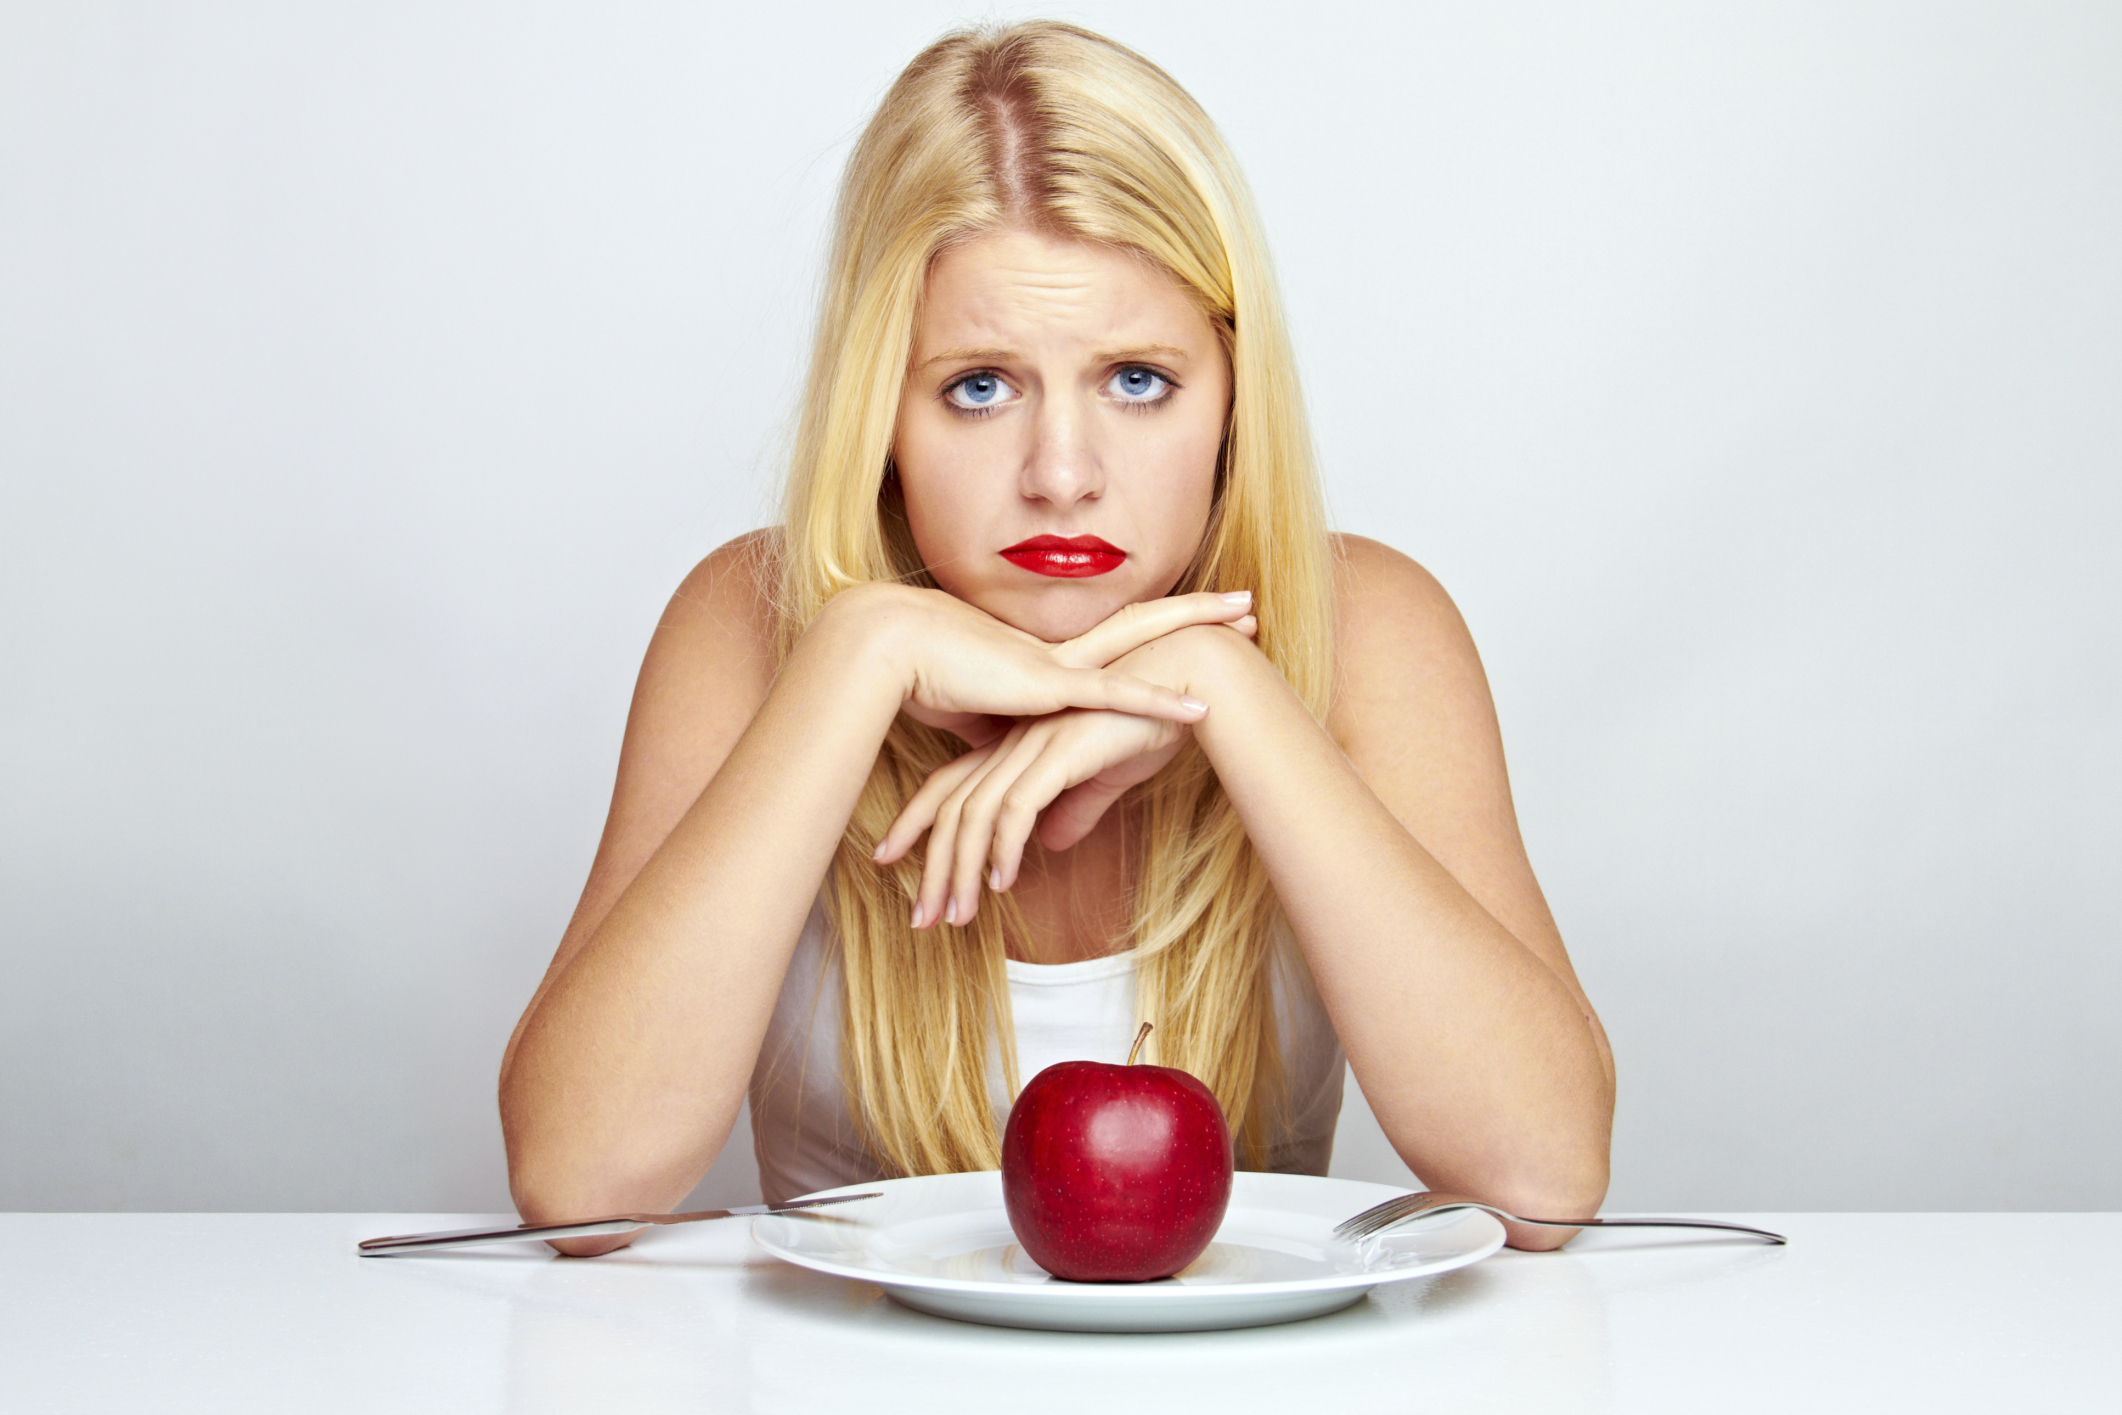 5 bláznivých diet: Litry džusu a návrat do dětských let